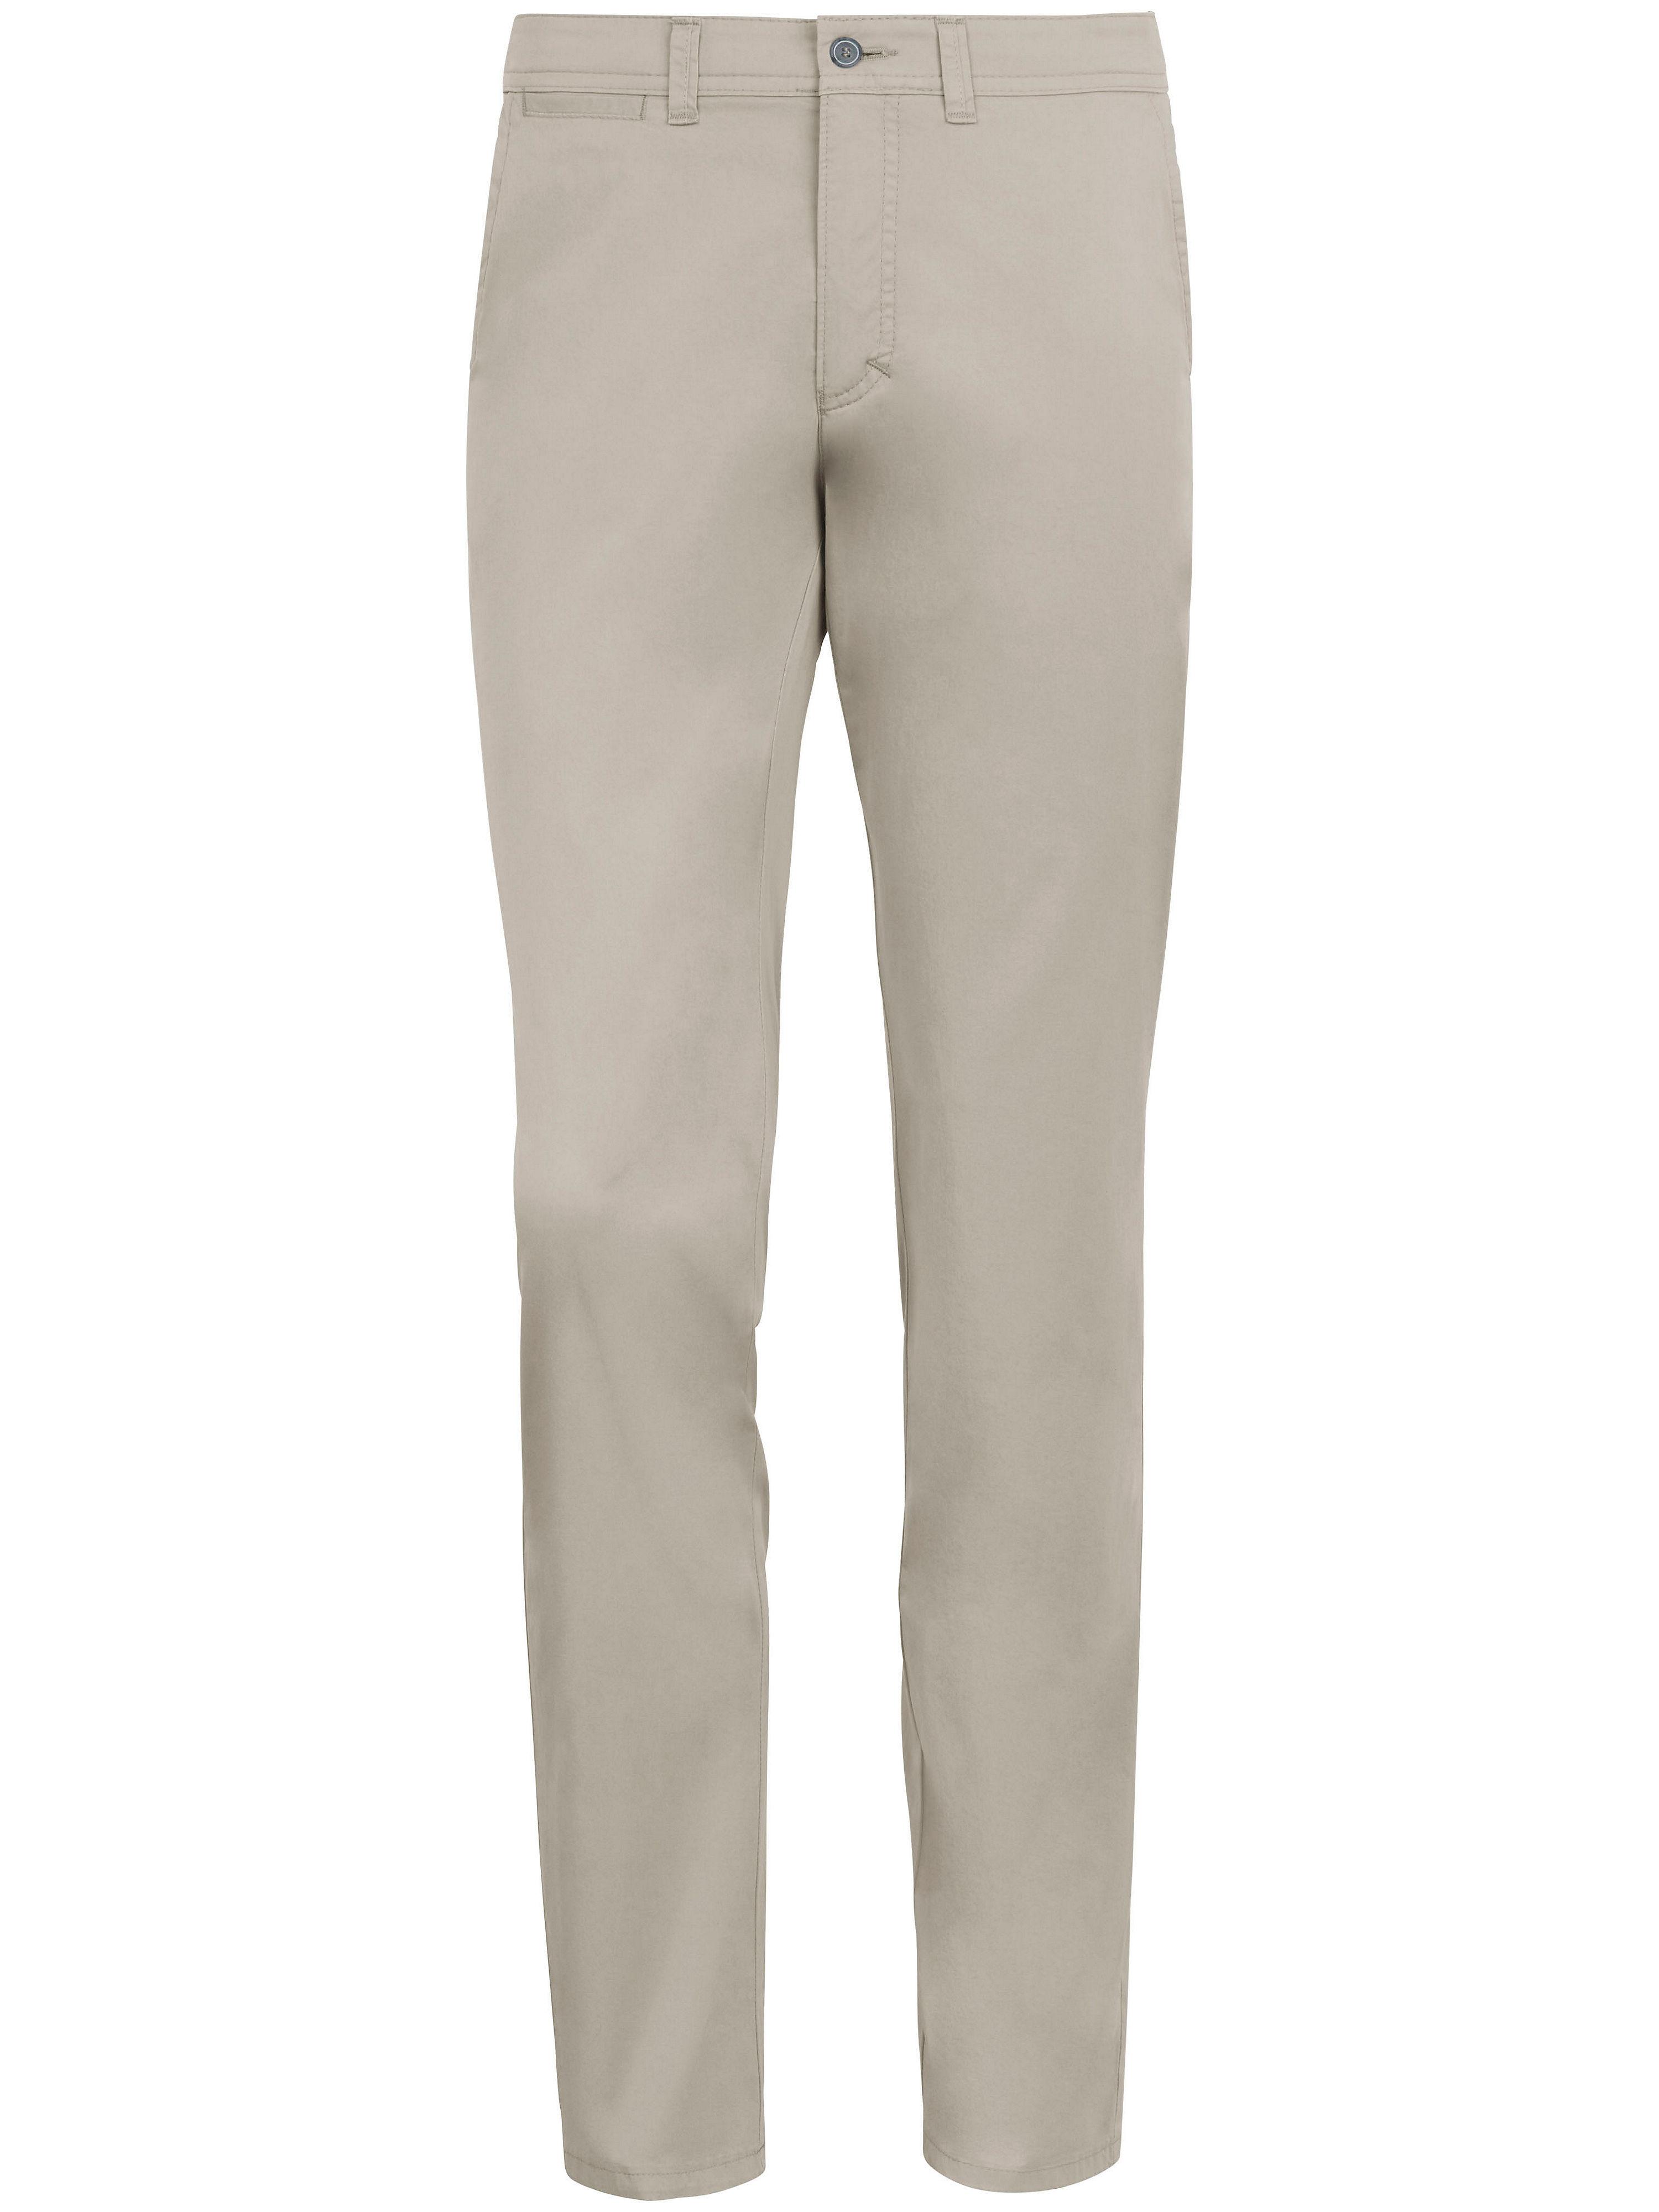 Image of   Bukser model Carno Fra CLUB OF COMFORT beige